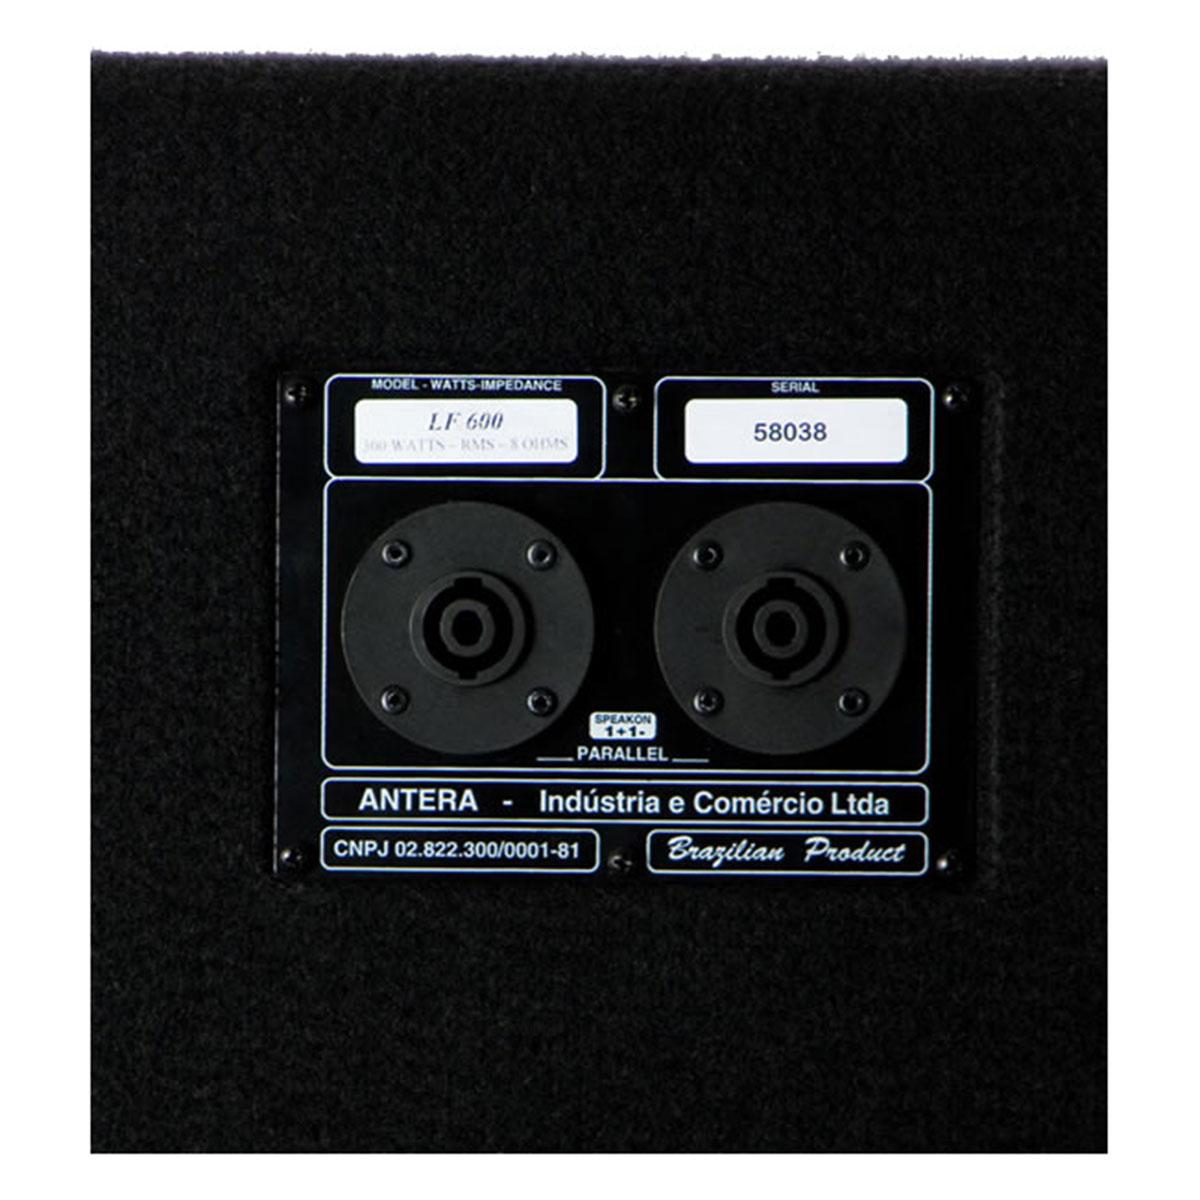 LF600 - Subwoofer Passivo 300W Preto LF 600 - Antera